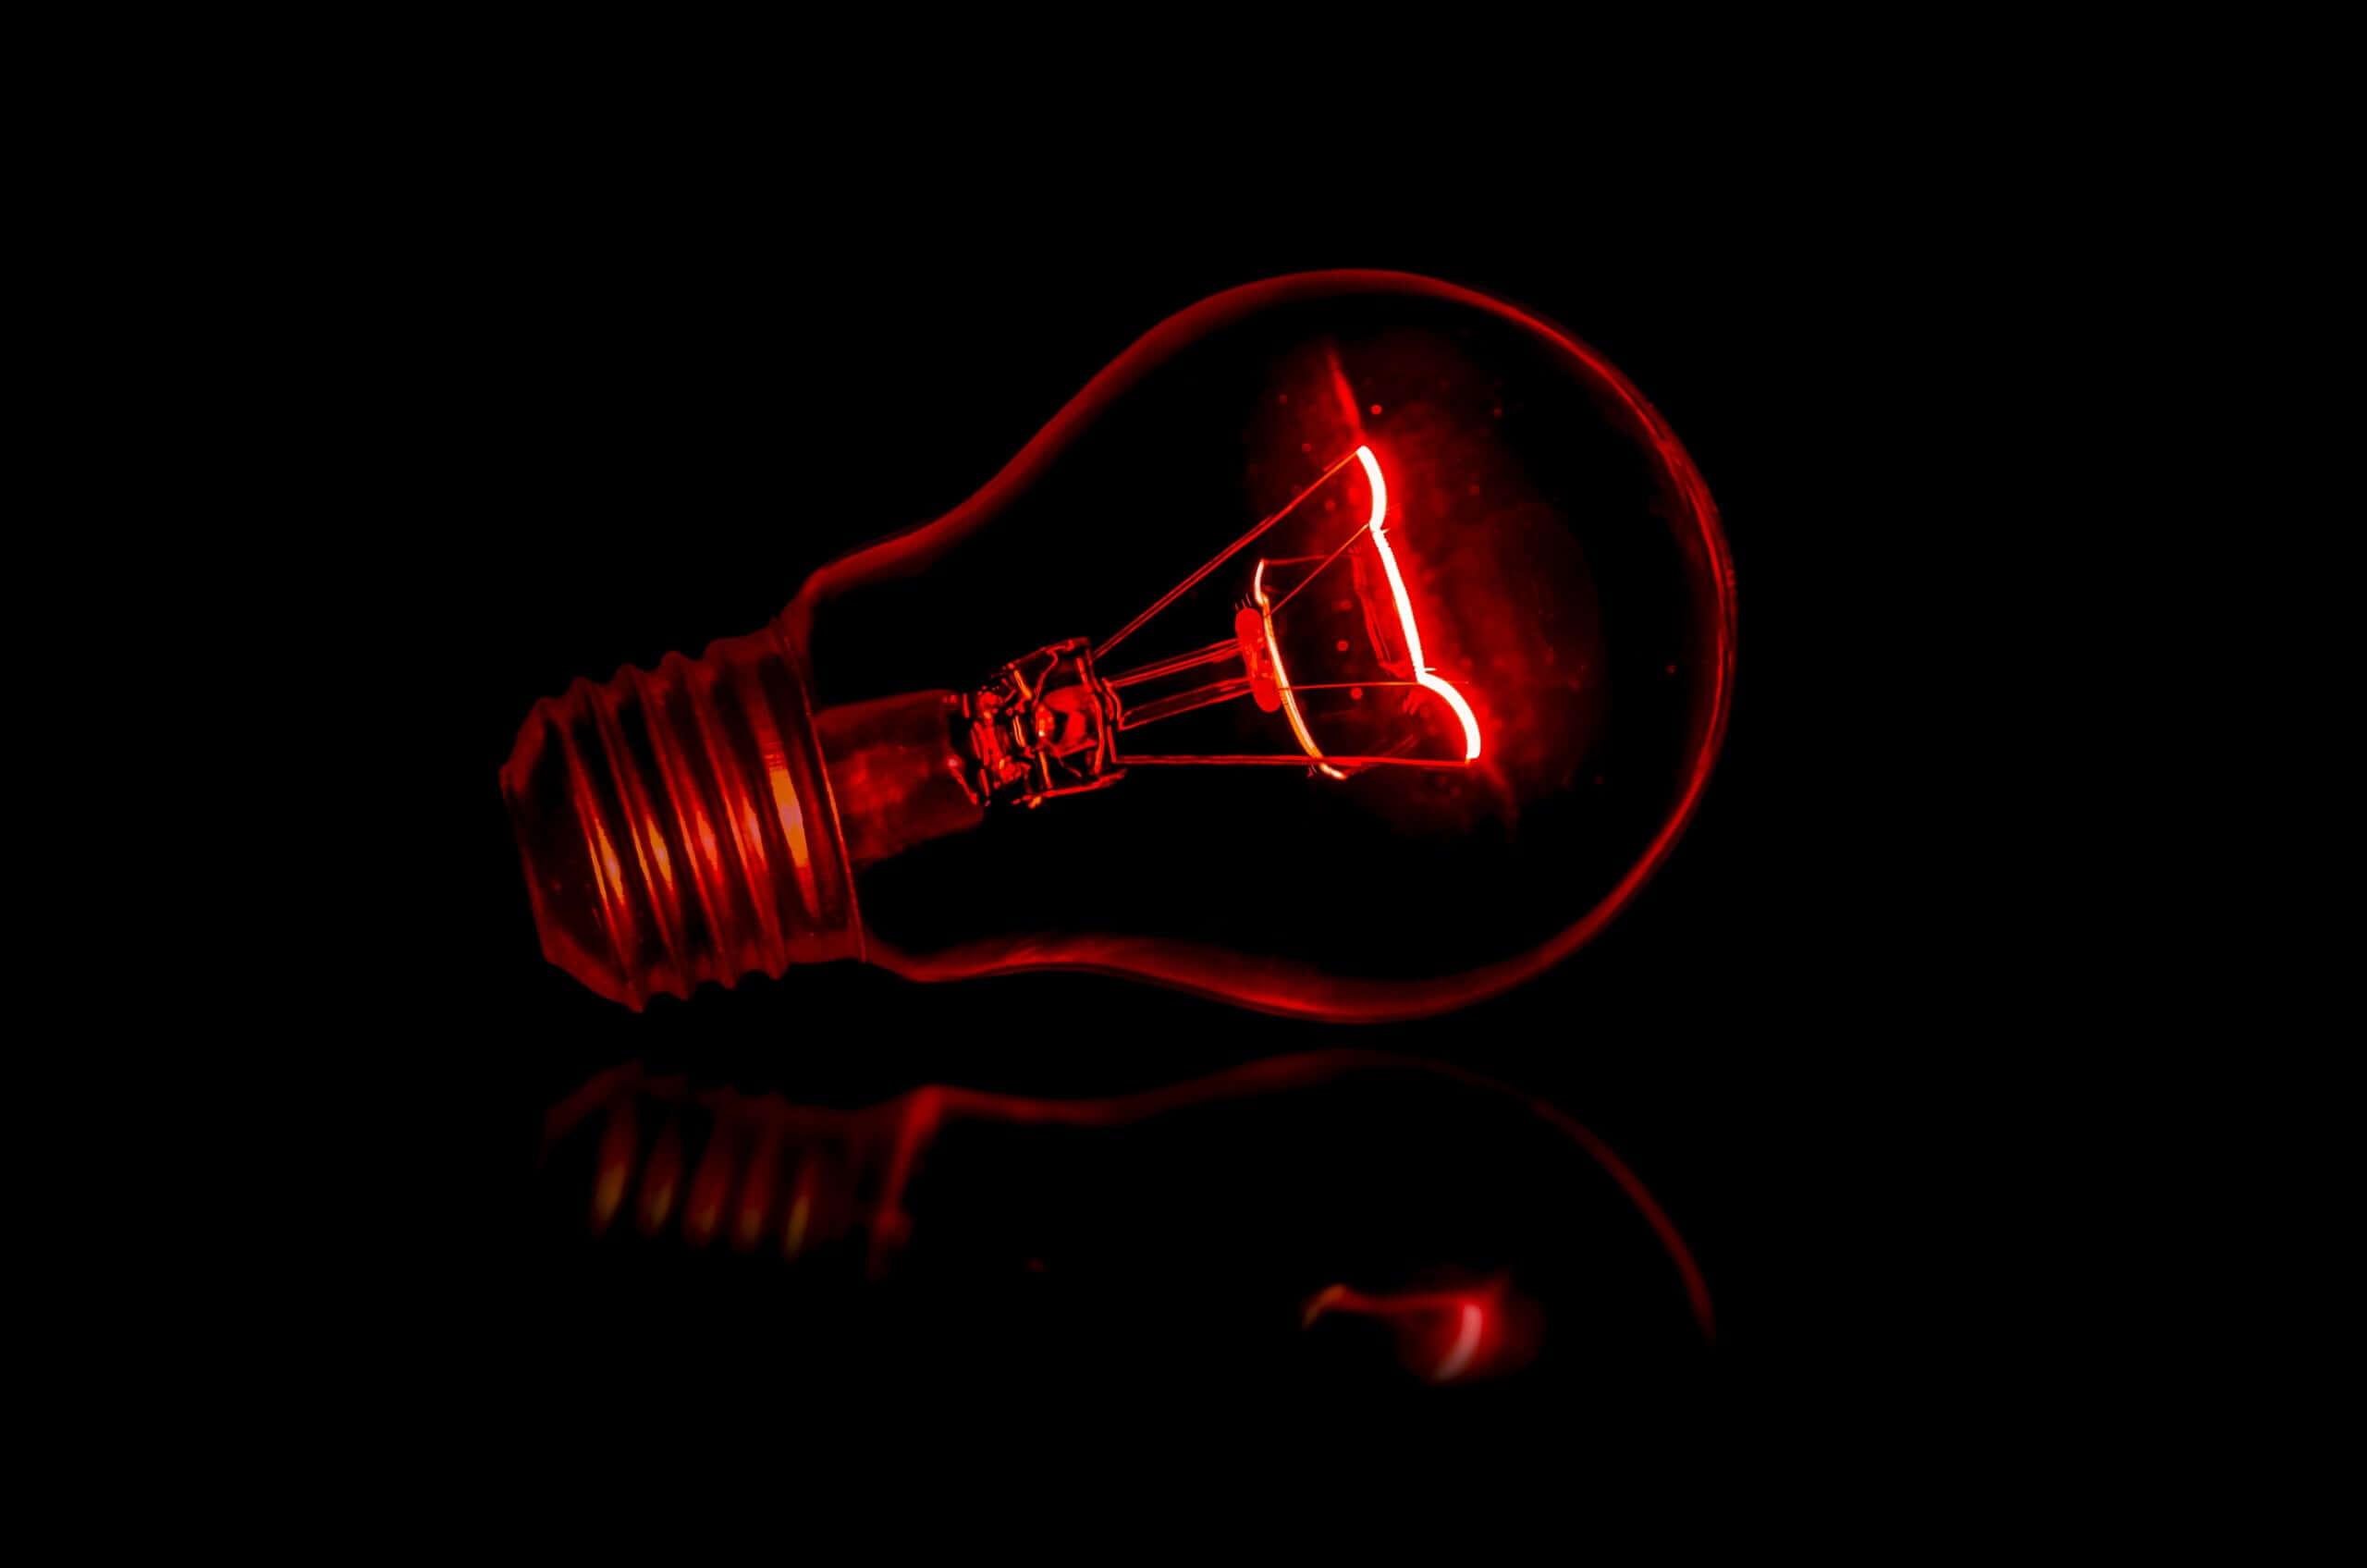 red lightbulb on black background